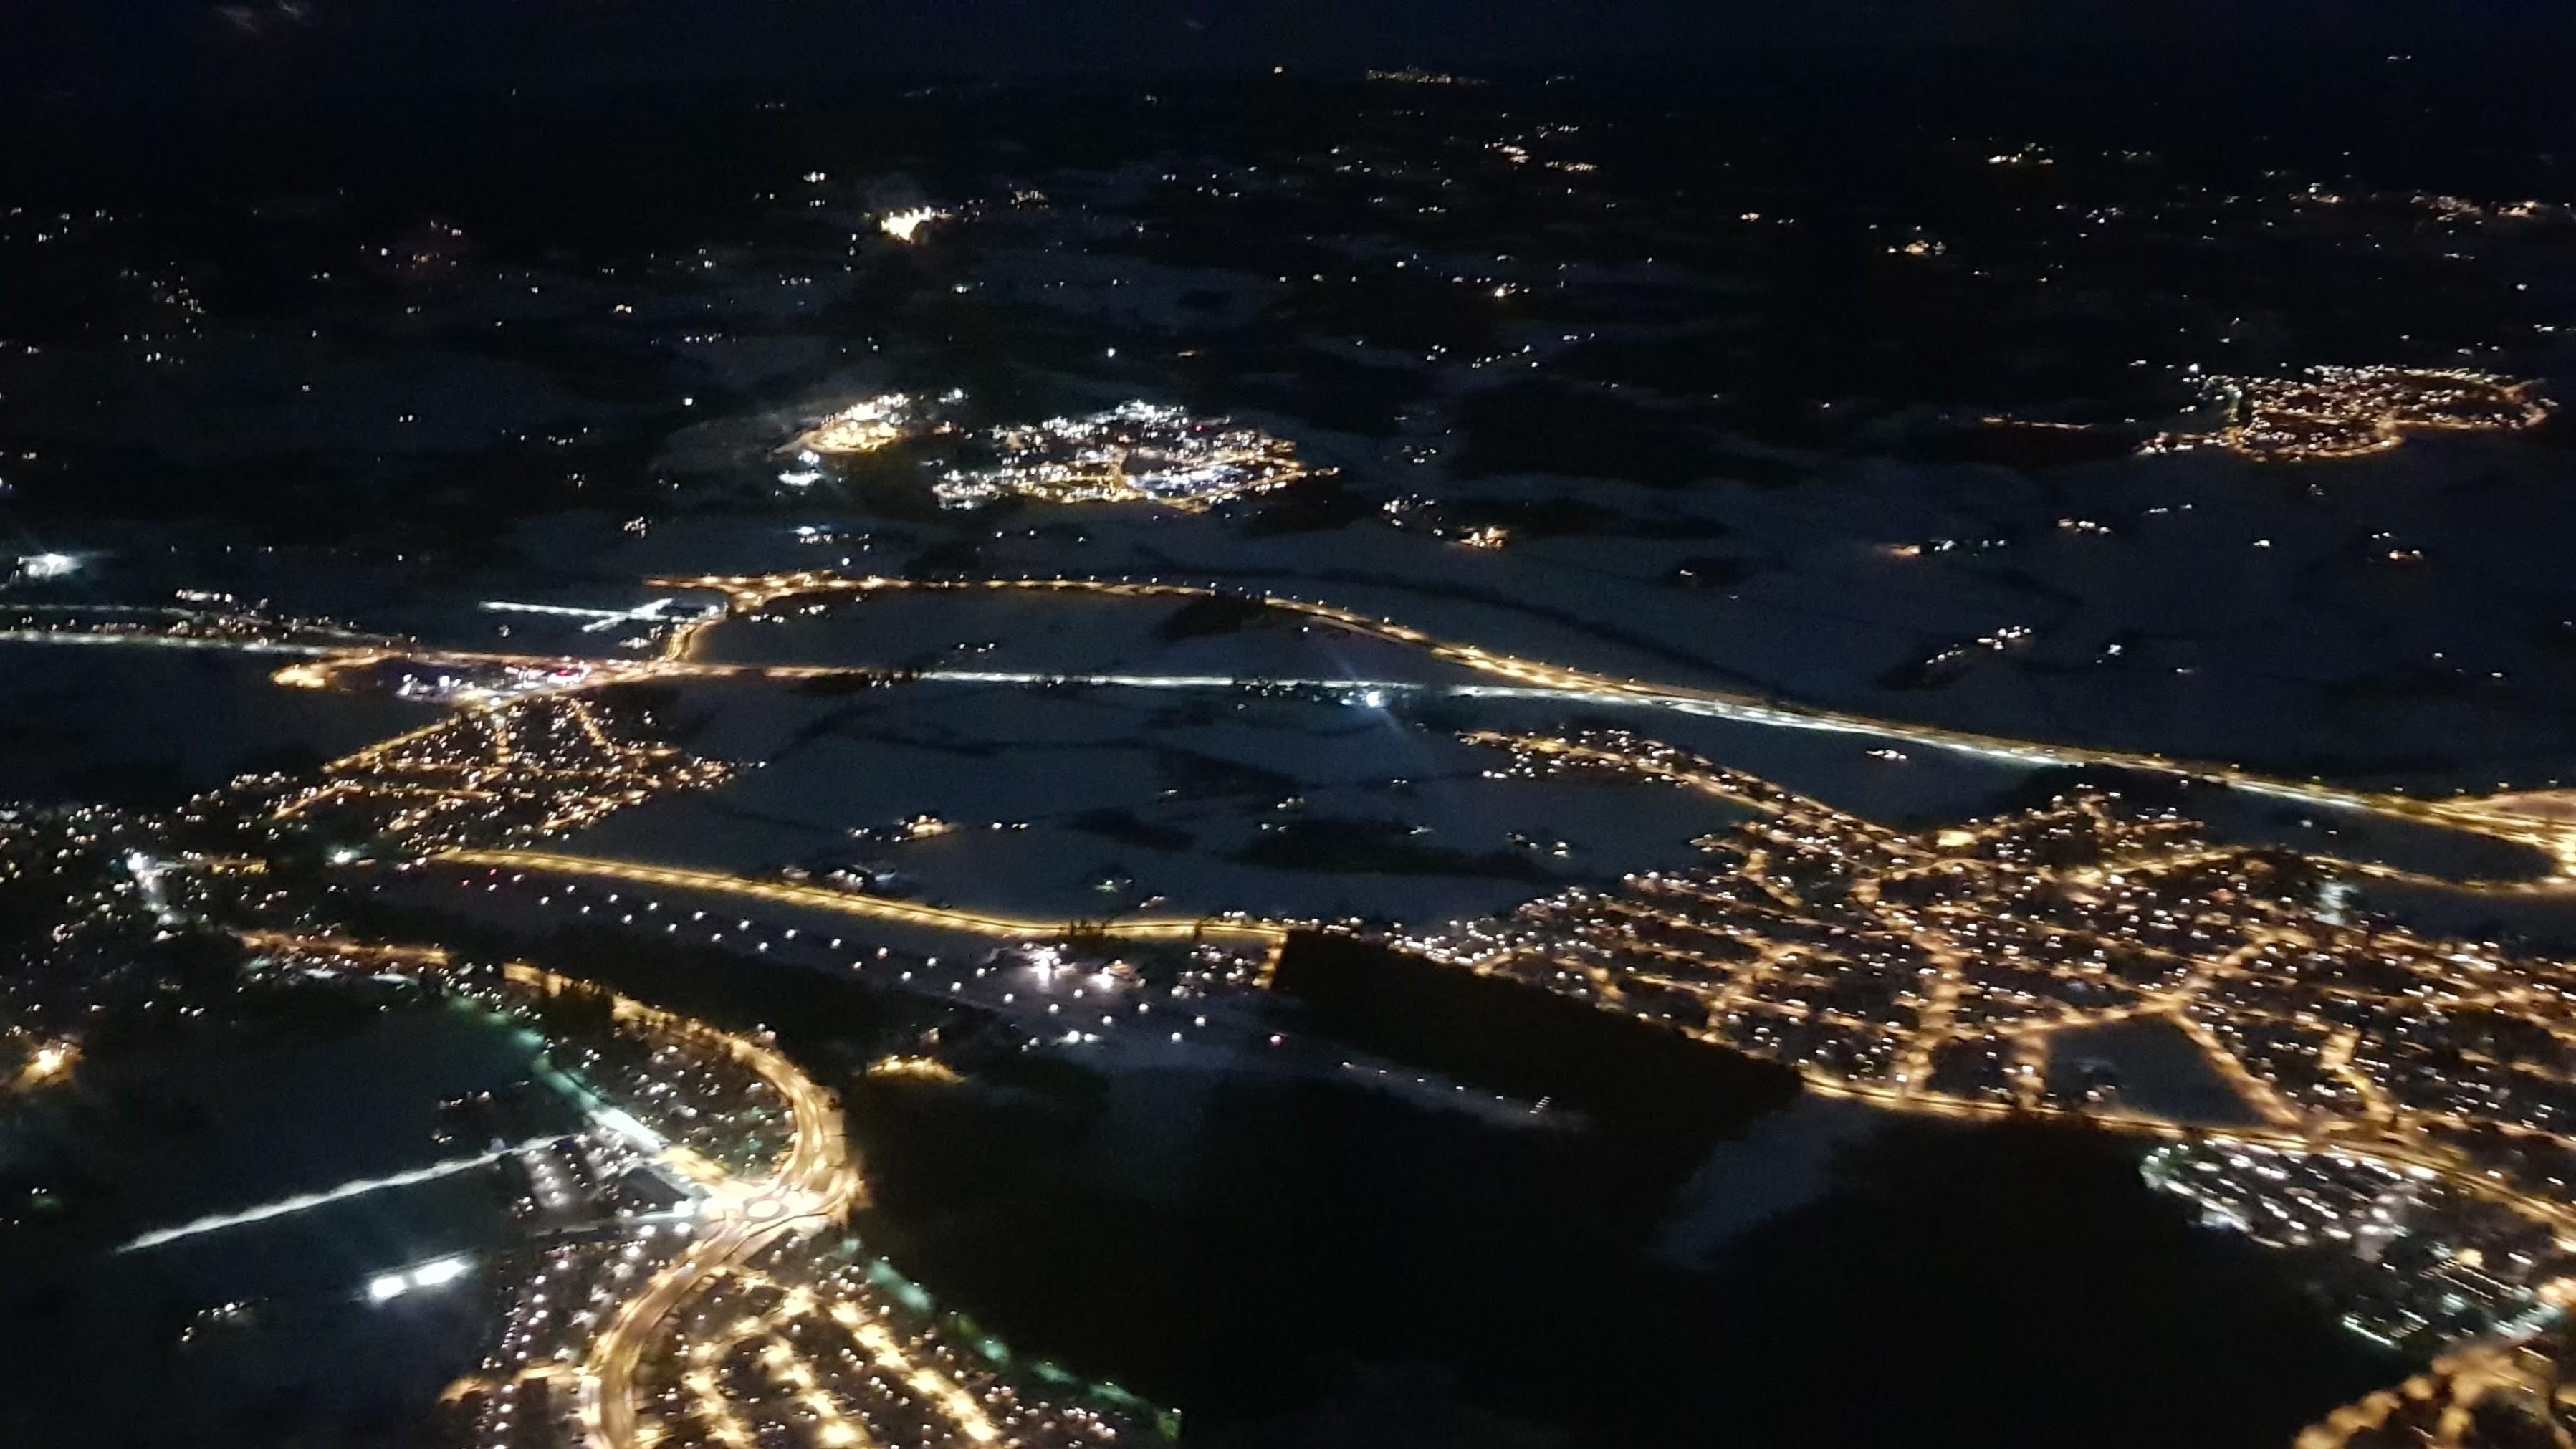 Hamar flyplass bør være relativt enkel å få øye på når du ser rekken av kantlys. @ 2019 Michael Katz